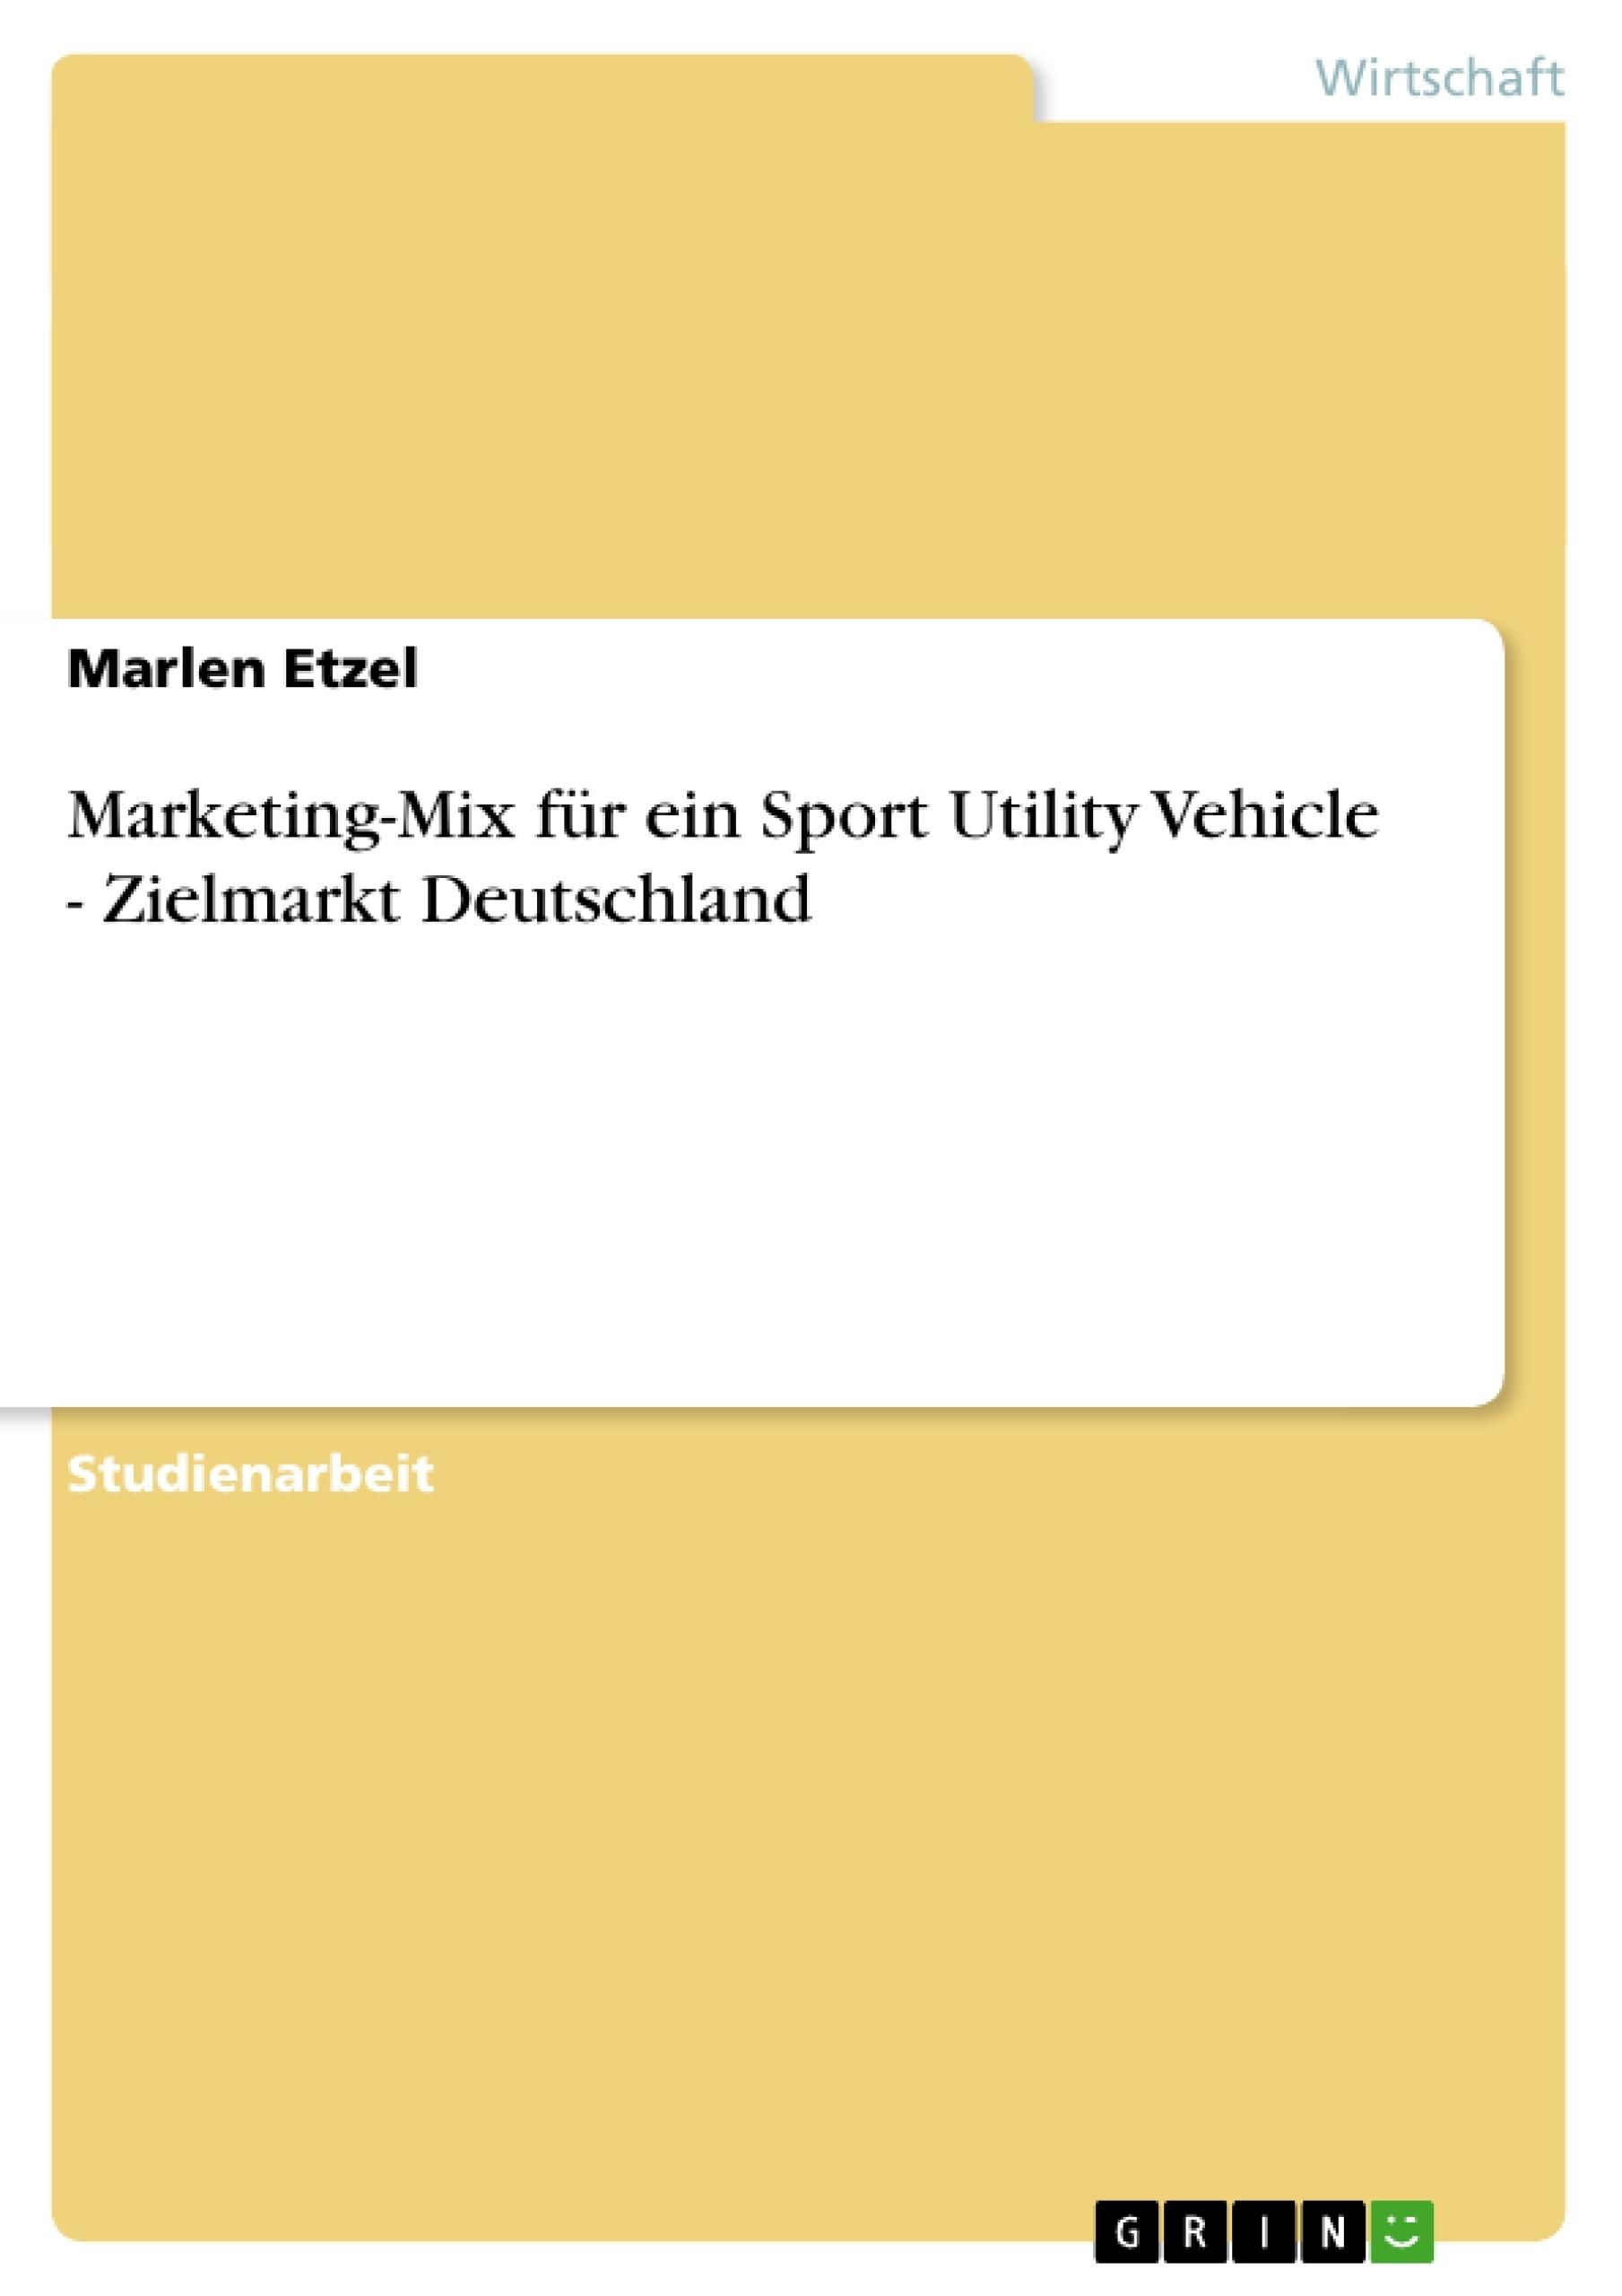 Titel: Marketing-Mix für ein Sport Utility Vehicle - Zielmarkt Deutschland